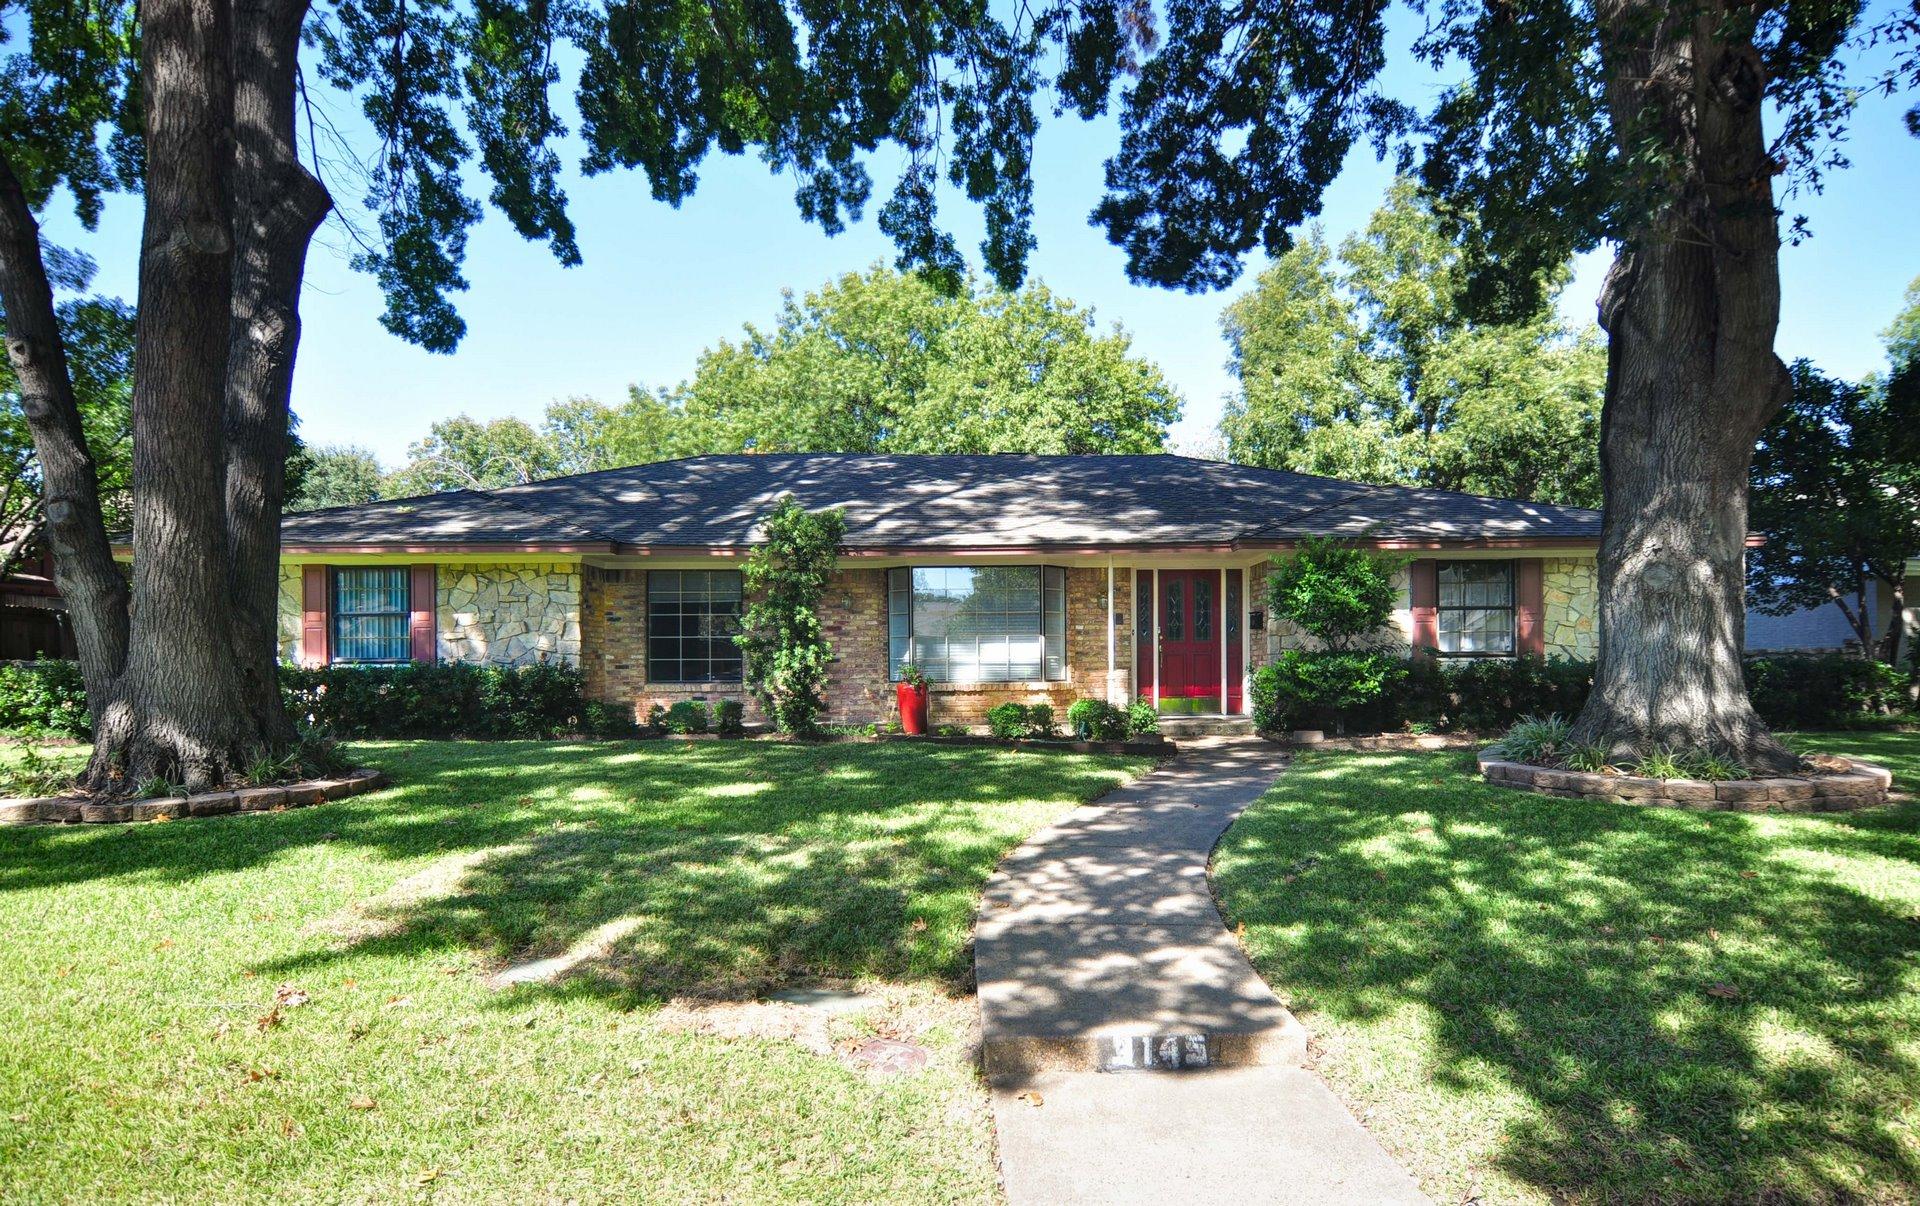 DSC_0407-Front - 3112 Timberview Rd, Dallas TX 75229 Robert Jory Group.jpg